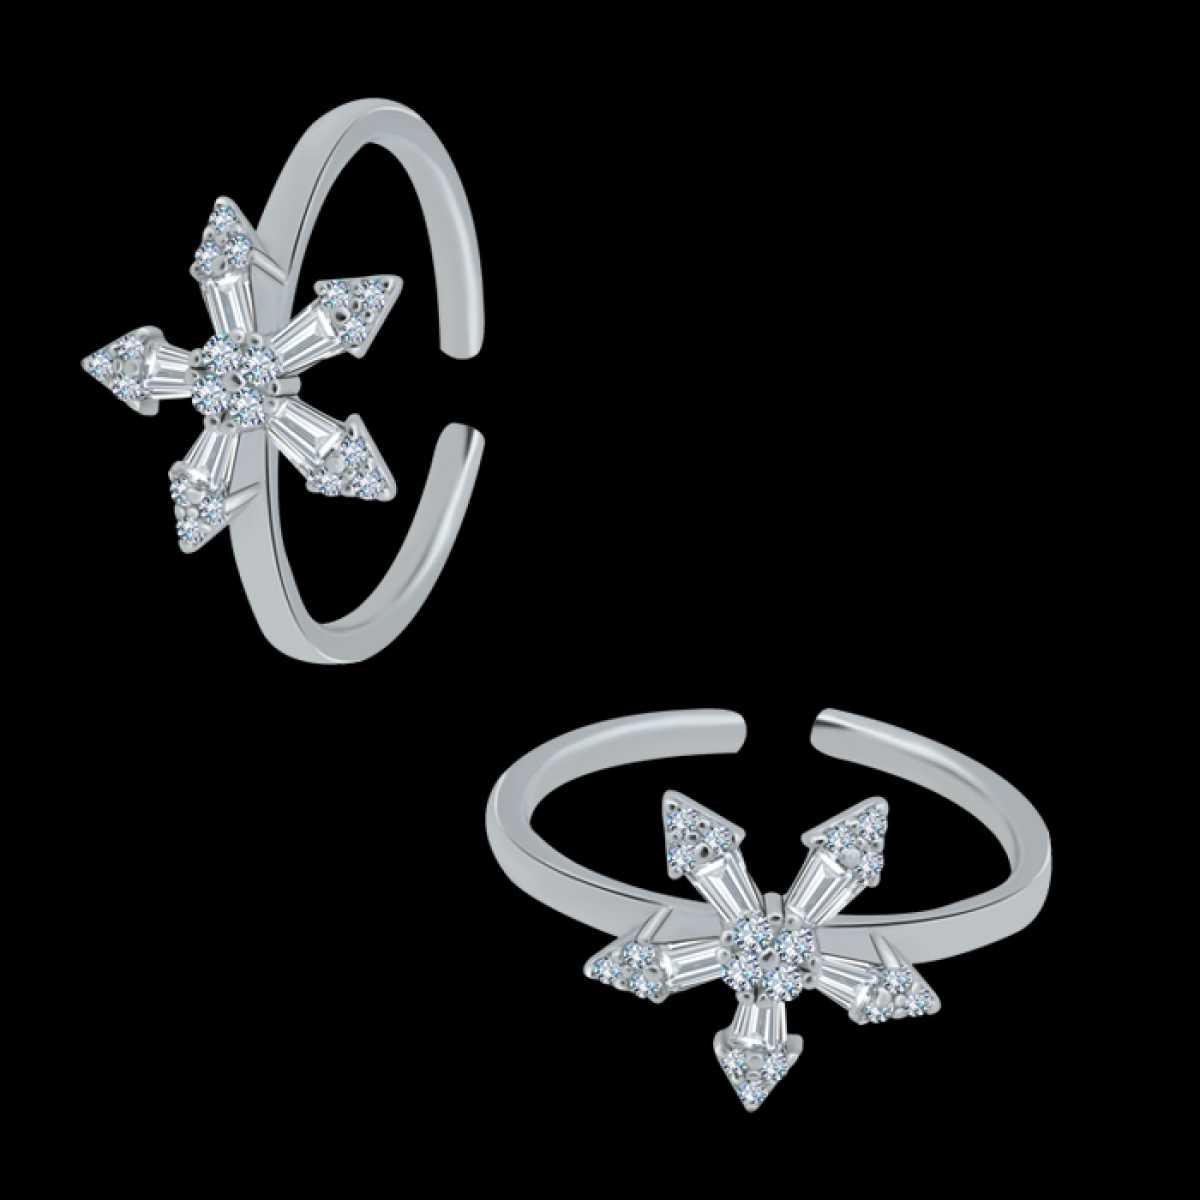 Unique Star Diamond Toe Ring